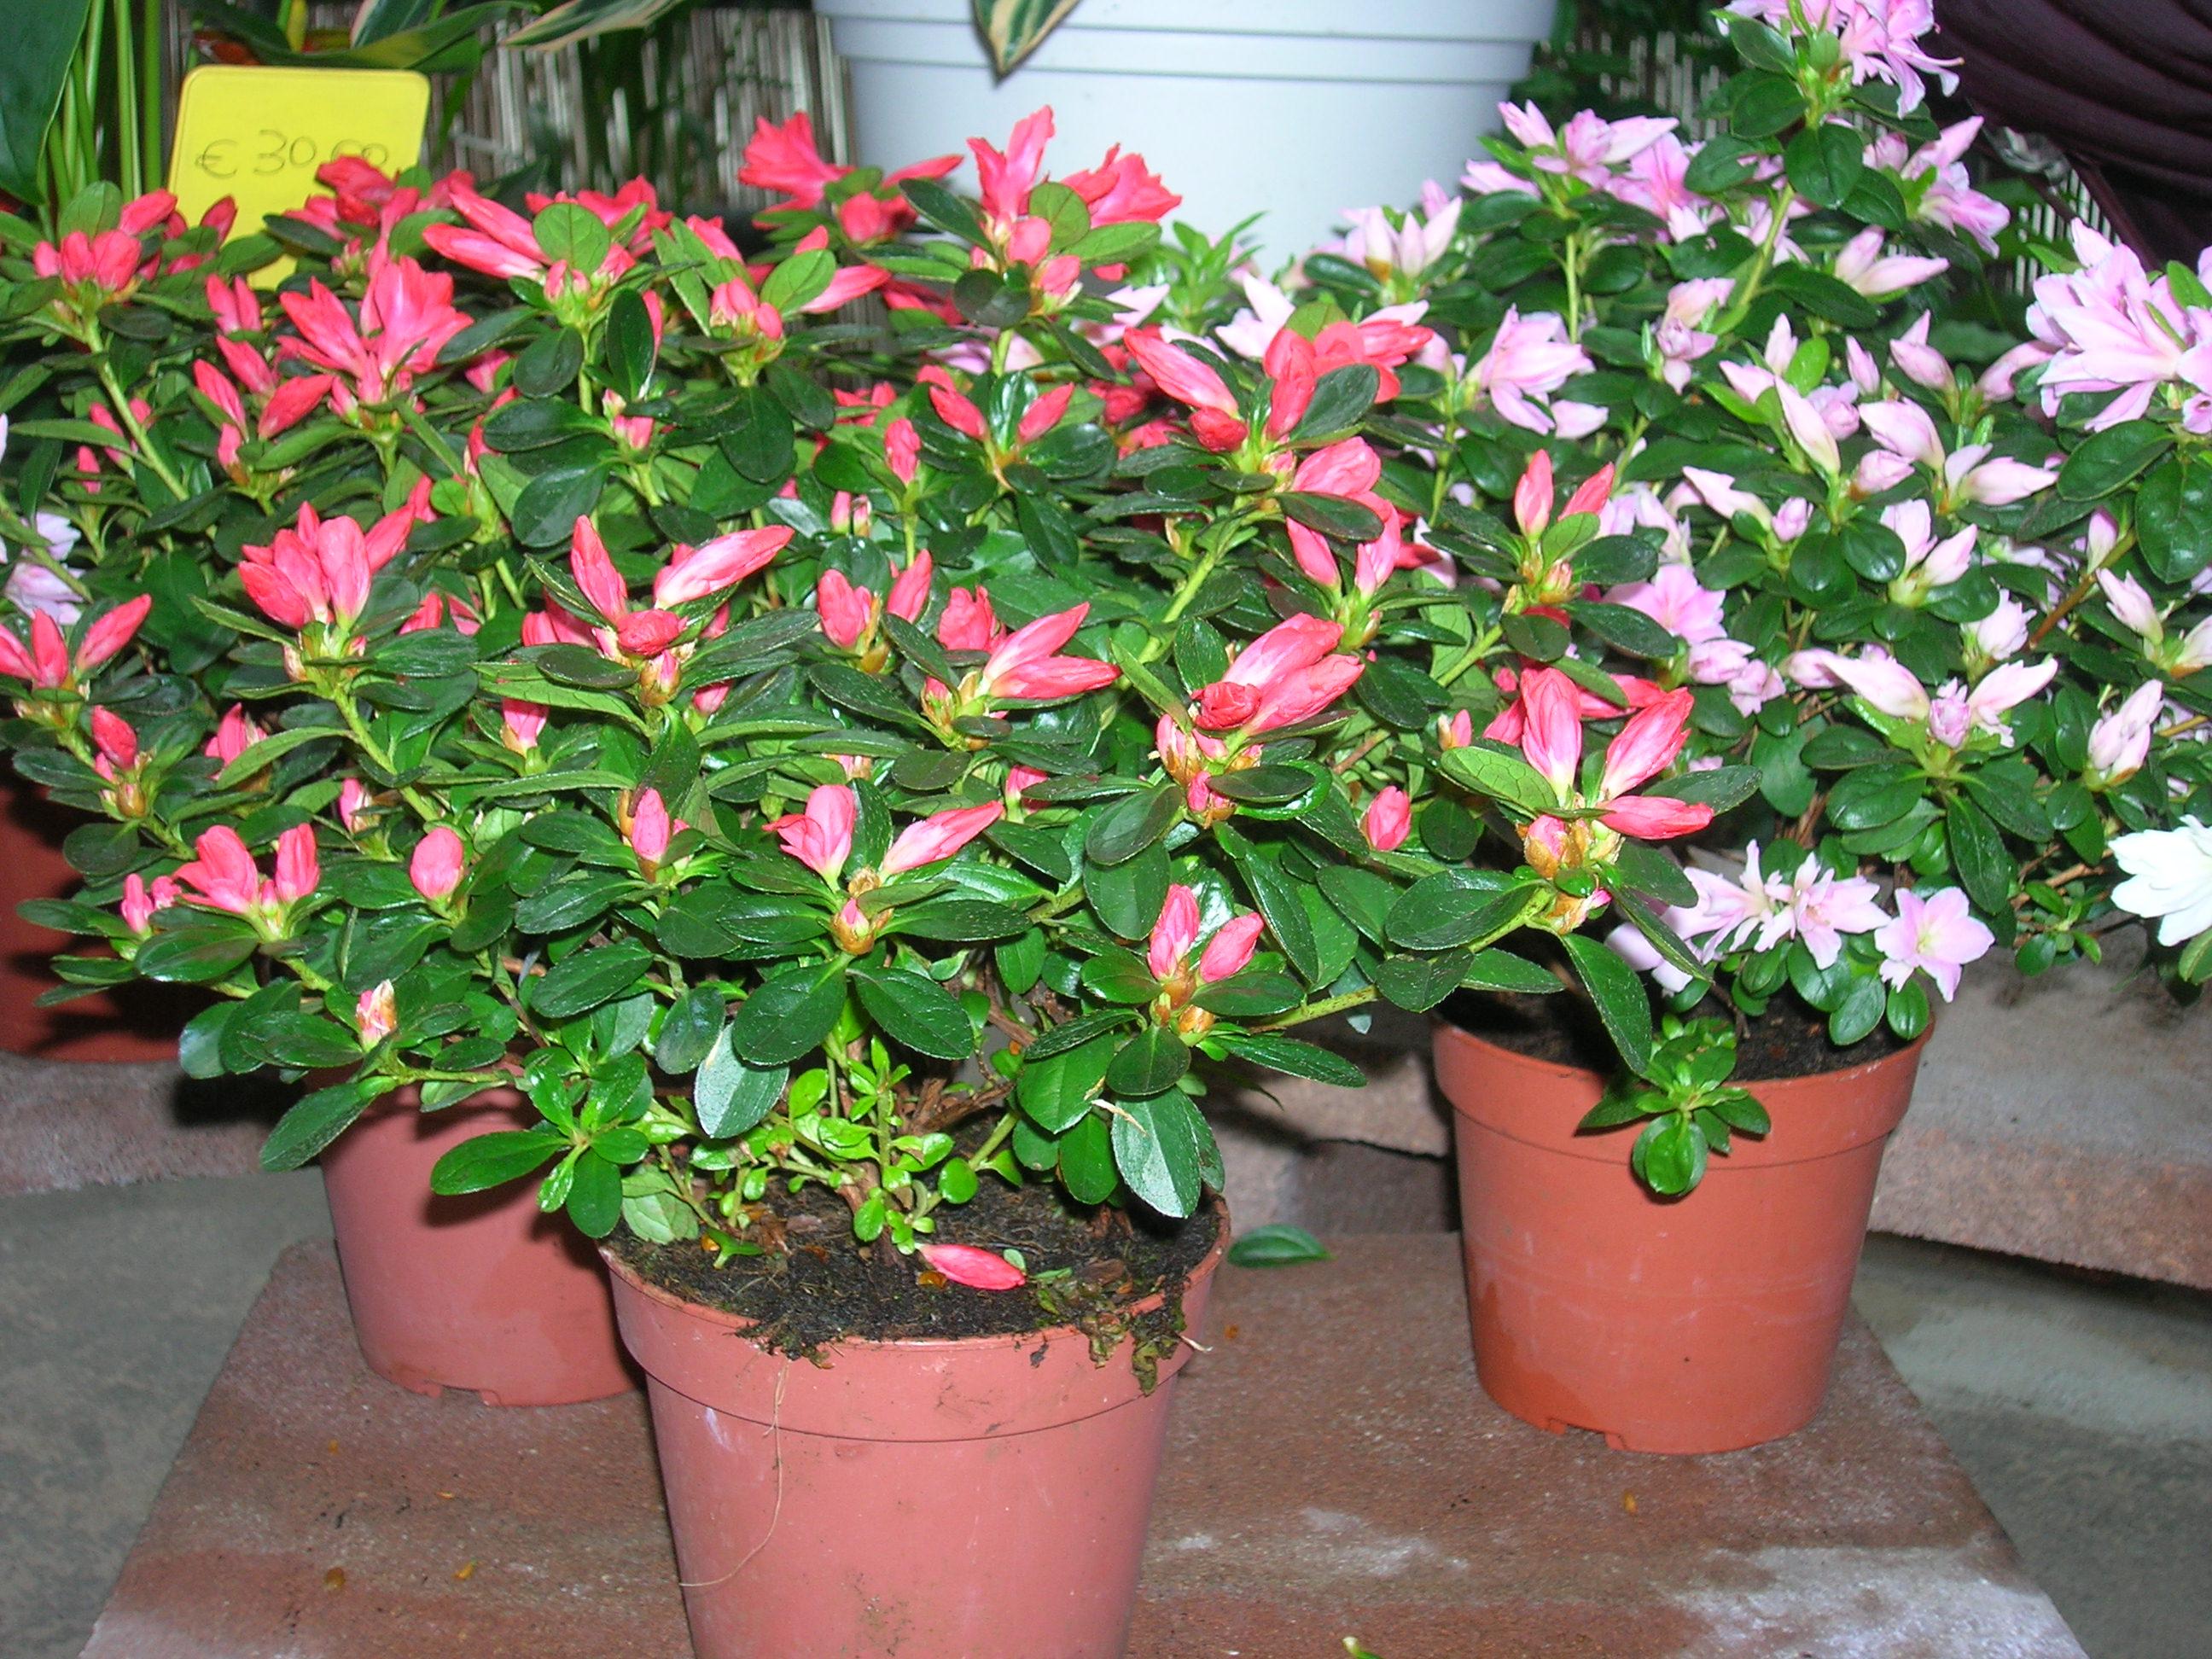 Garden mazzocchi paolo viale rimembranze 26841 - Azalea pianta da interno o esterno ...